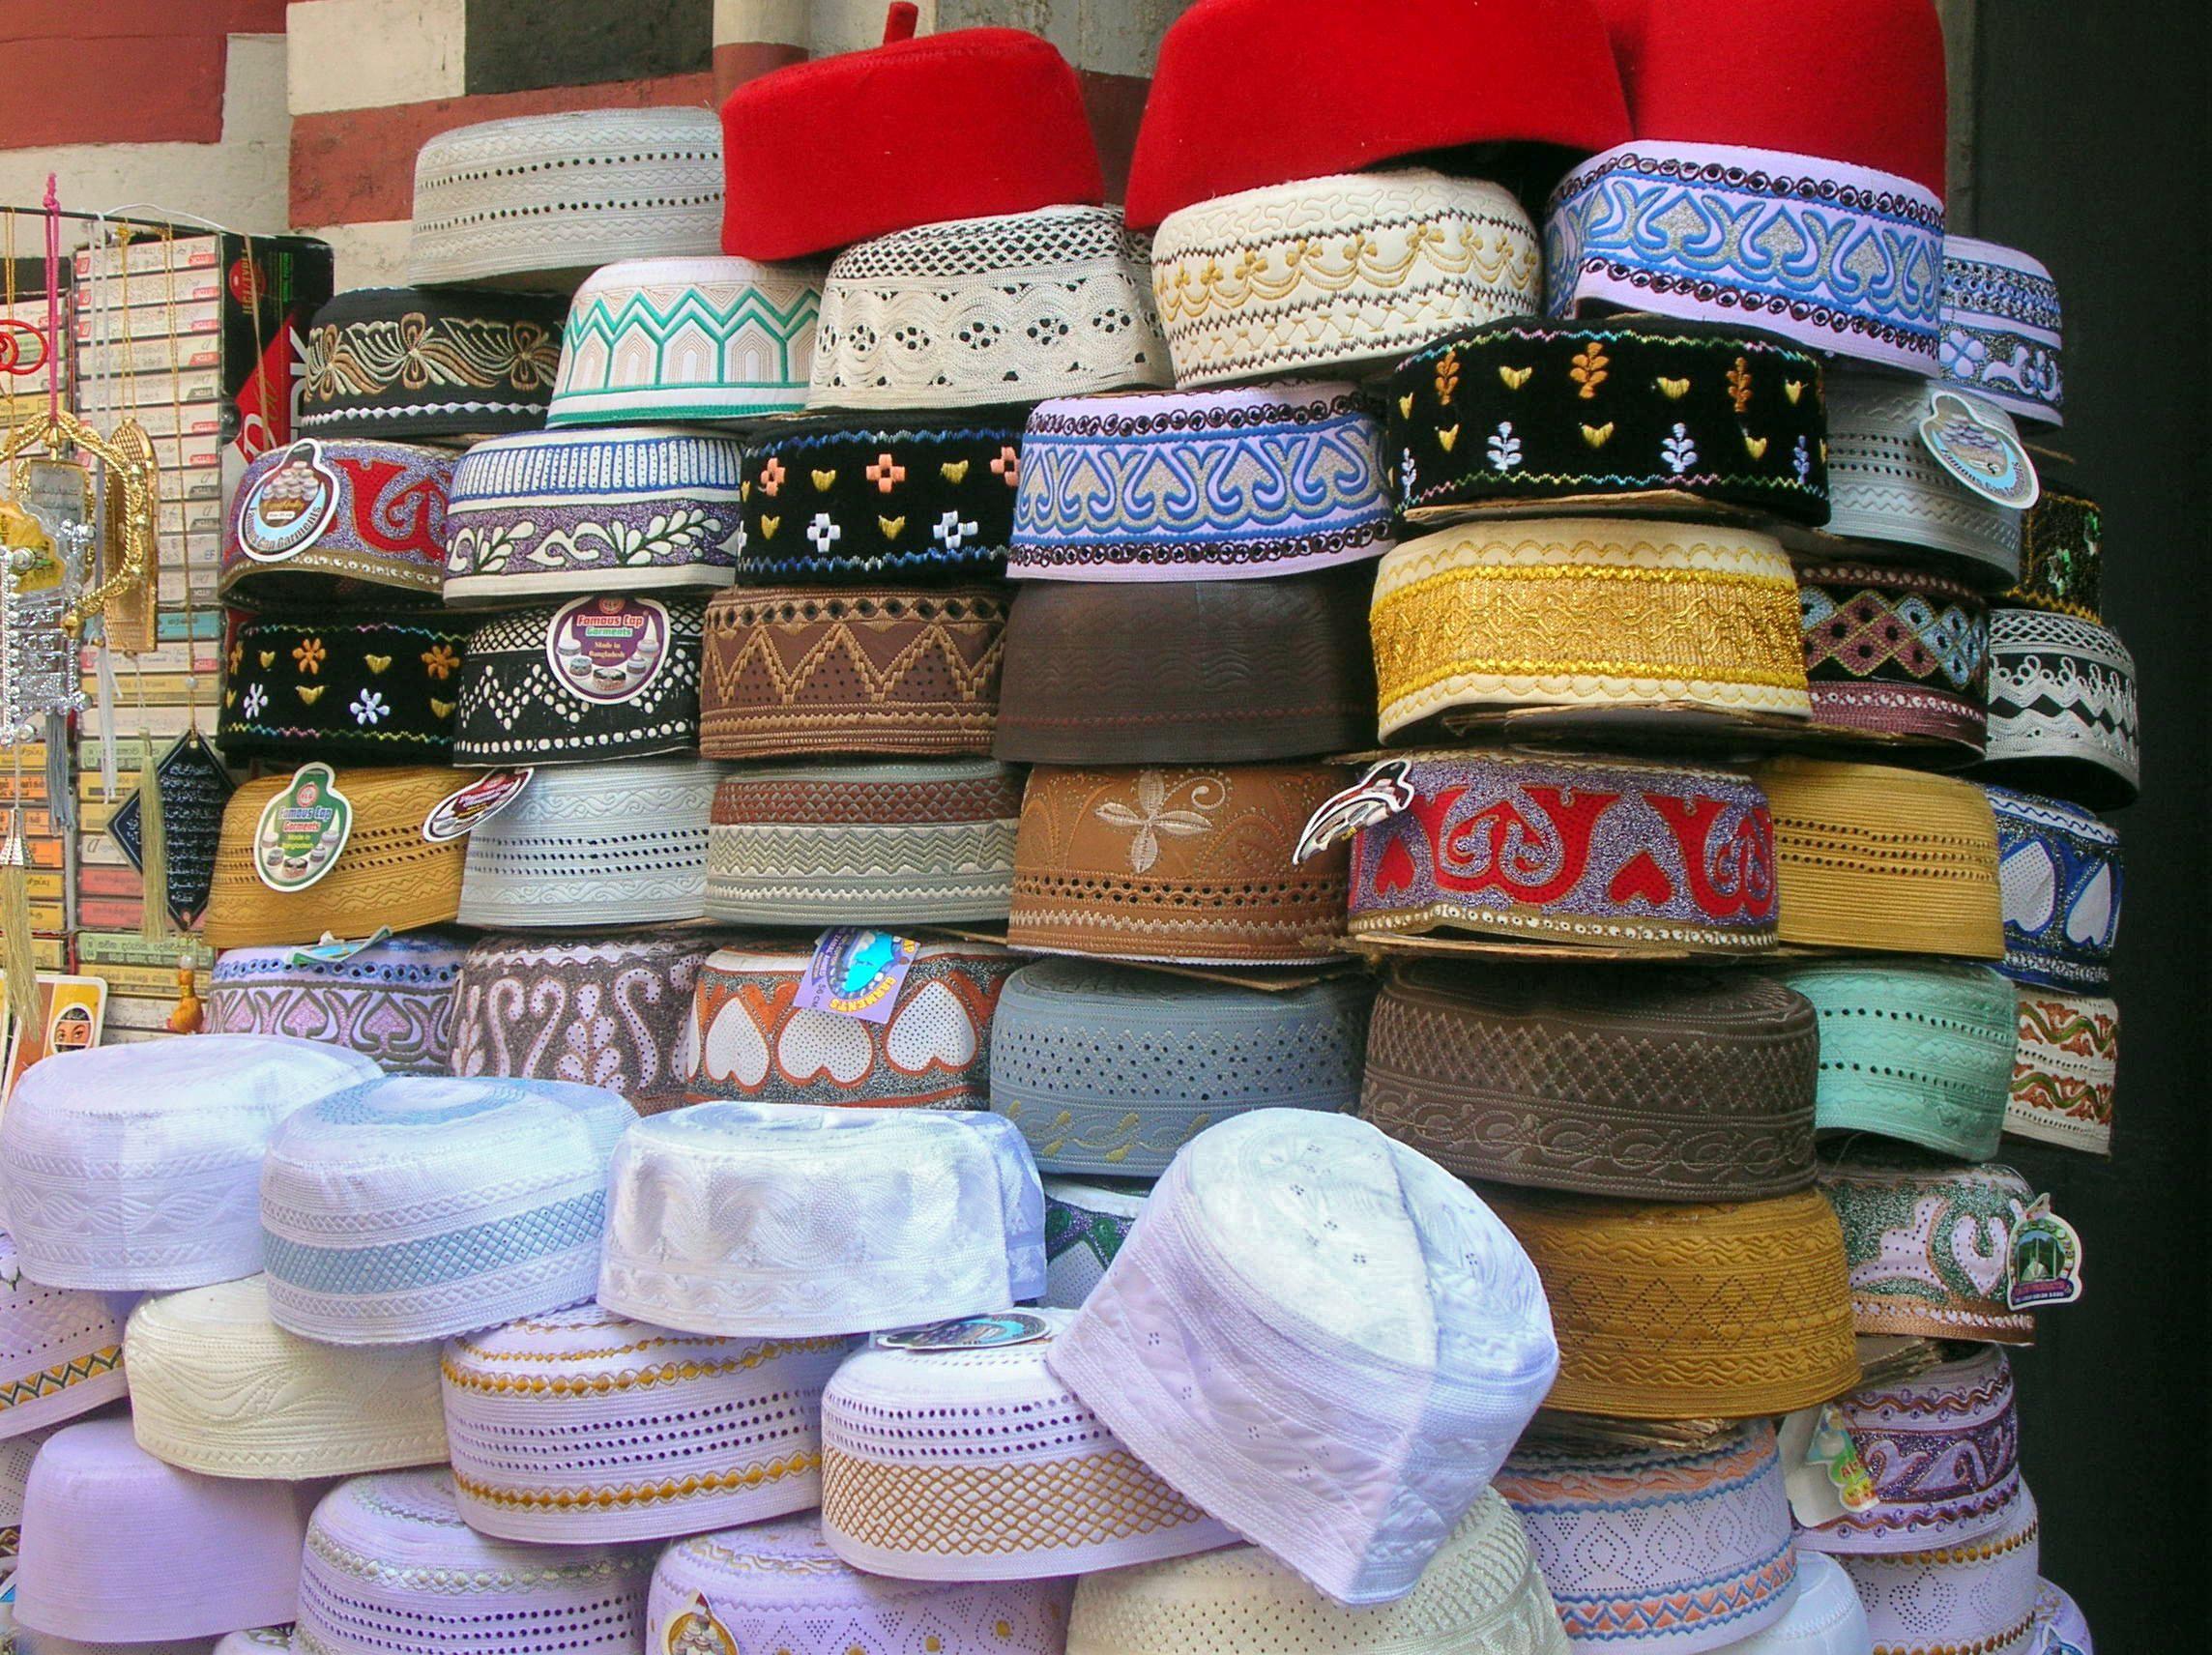 kemah muslim Belanja online kompor kemah terbaik dengan pilihan terbanyak & harga termurah se-indonesia di lazada  batik & baju muslim pria celana pria sepatu & sandal.